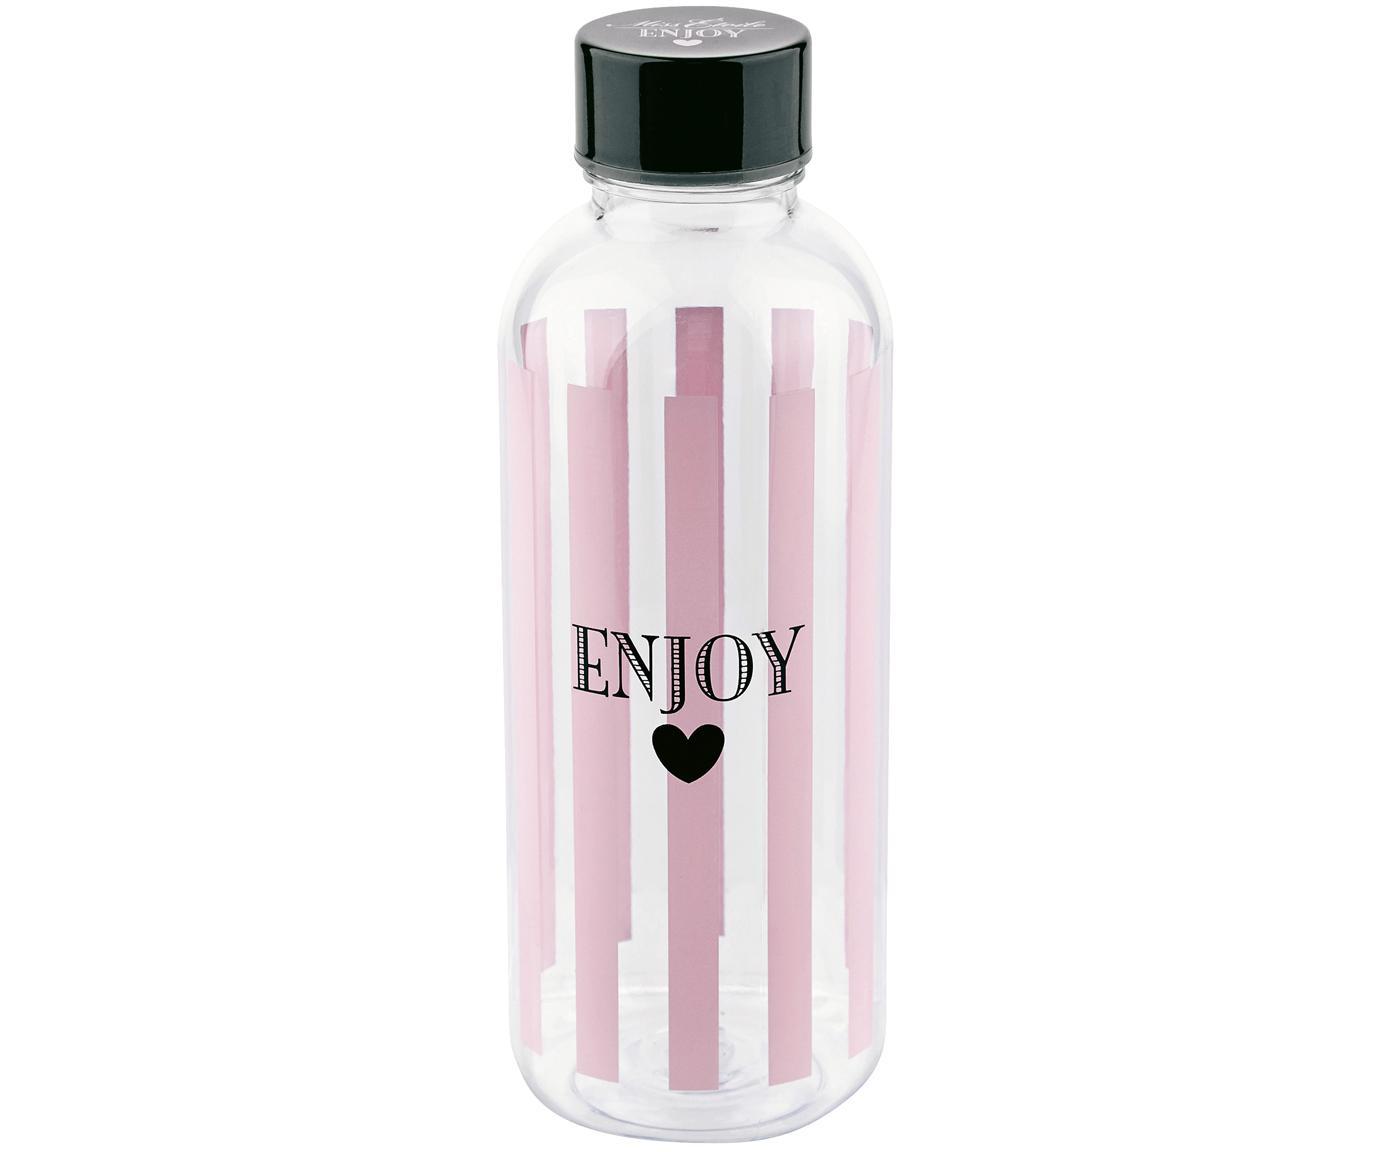 Bottiglia Enjoy, Materiale sintetico, privo di BPA e ftalati, Bottiglia: trasparente, rosa, nero Coperchio: nero, Ø 8 x A 21 cm